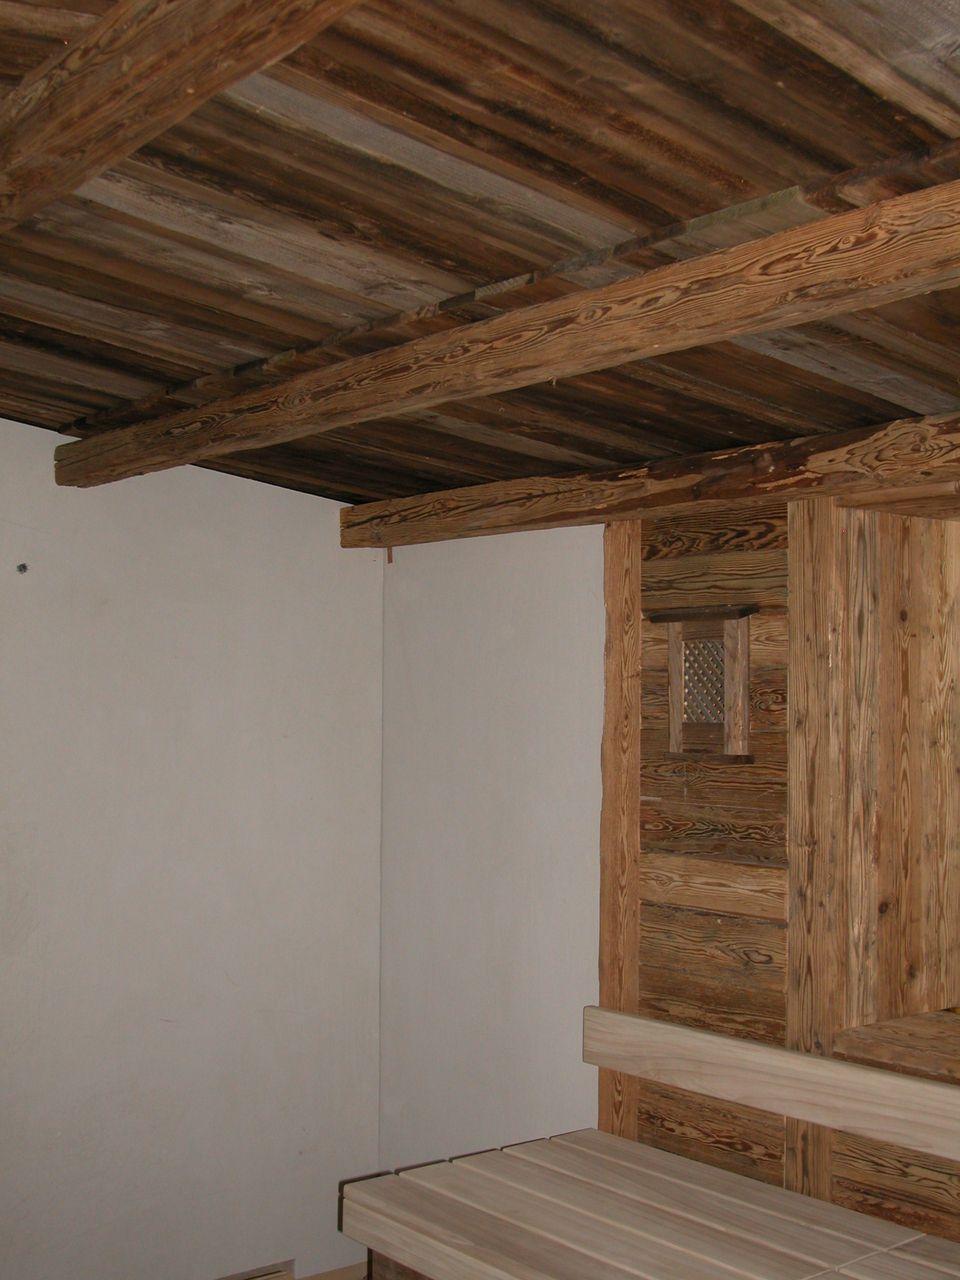 lenhart der tischler lem produkte gastronomie wellness sauna. Black Bedroom Furniture Sets. Home Design Ideas